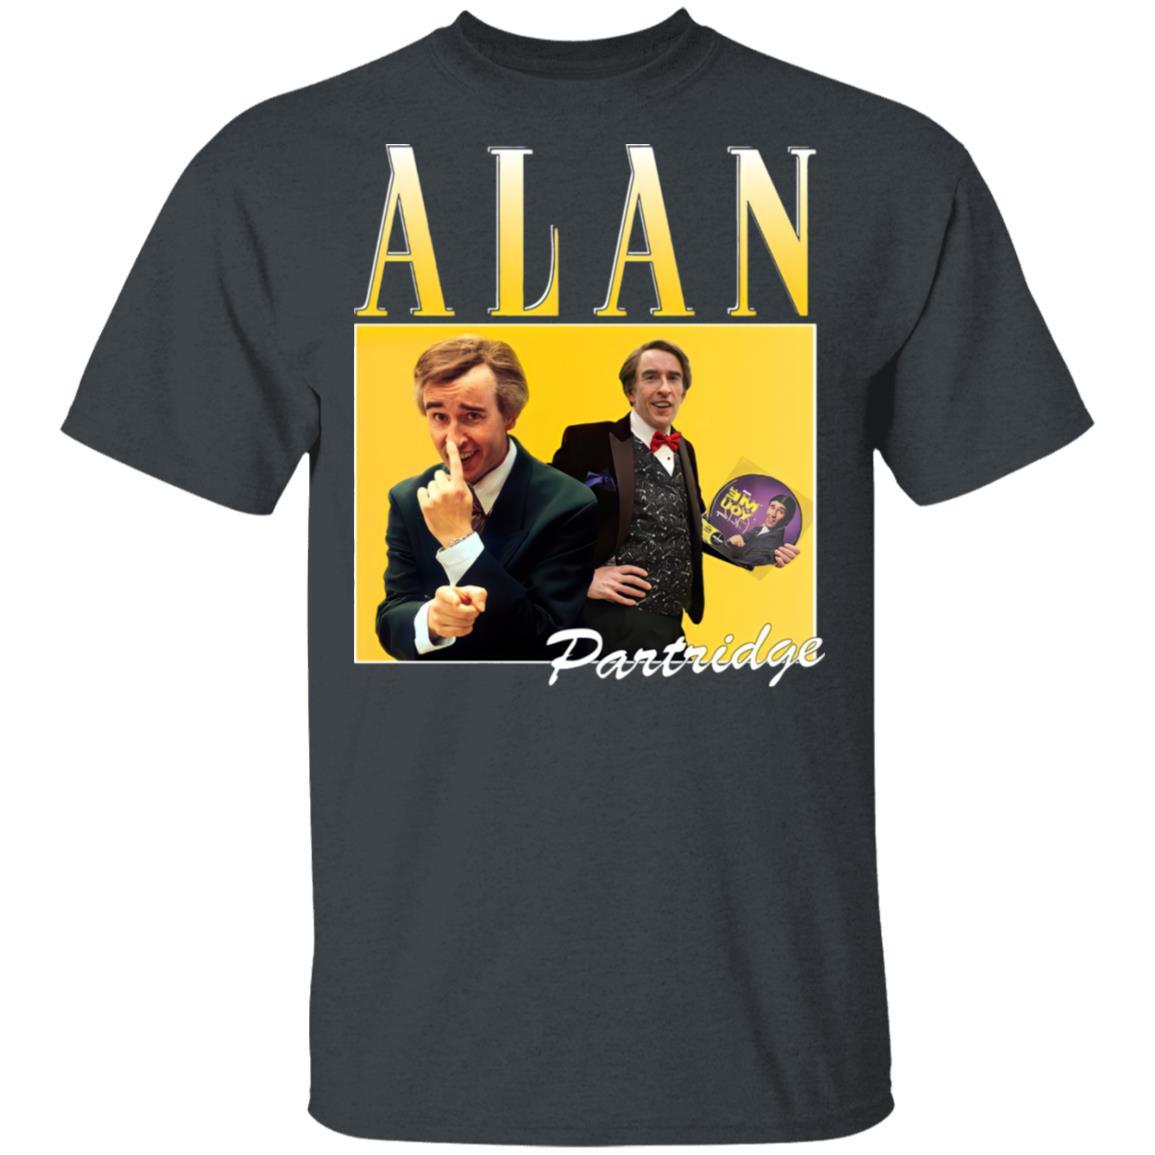 Alan Partridge T-Shirt, Hoodie, LS, Hoodie, Long Sleeve, Hoodie